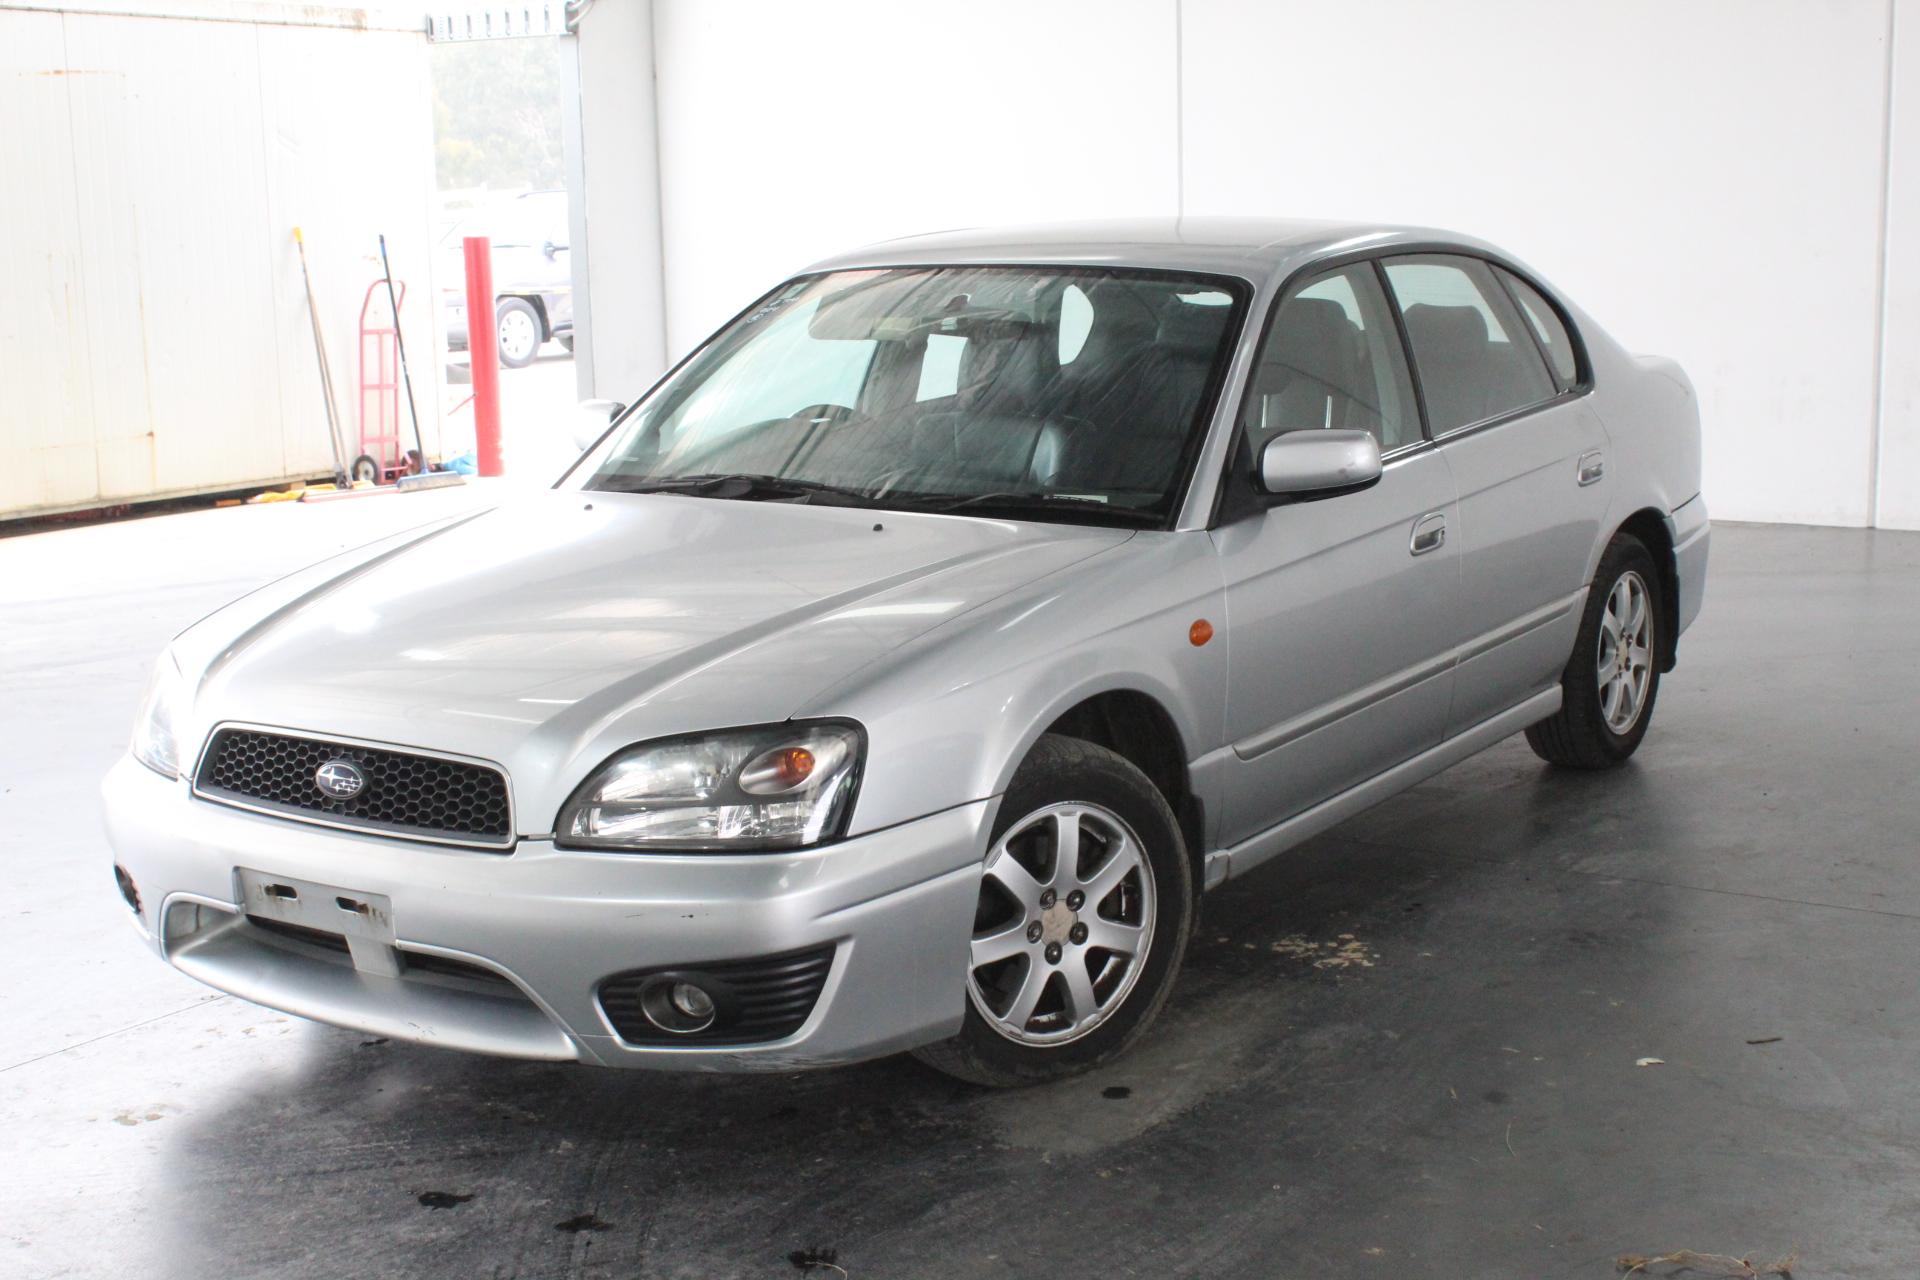 2003 Subaru Liberty GX (AWD) B3 Automatic Sedan